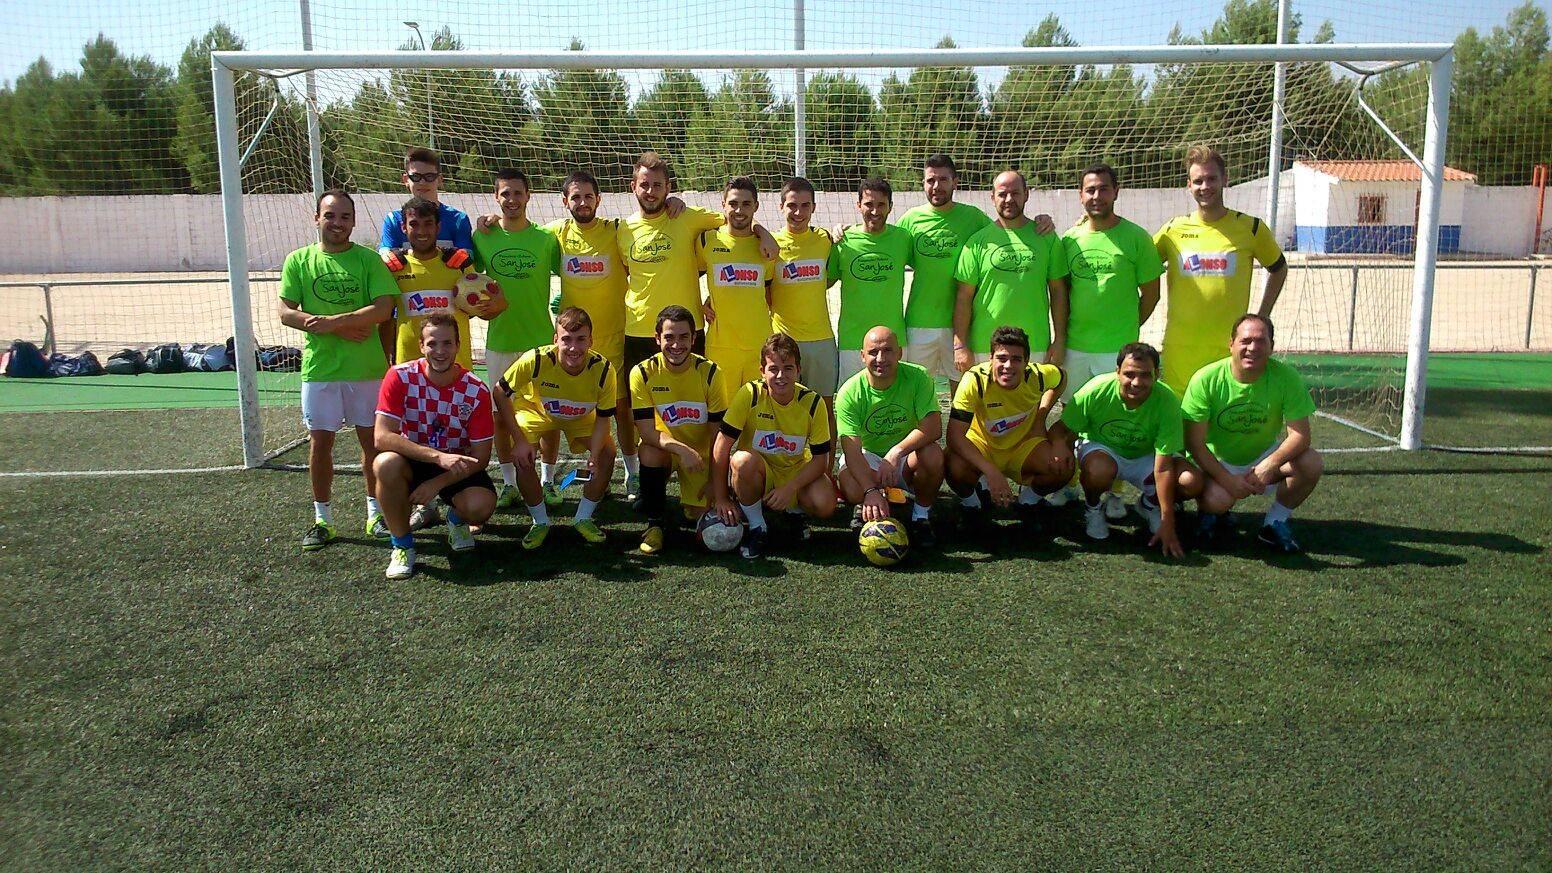 los pitorra en futbol 7 2 - Los Pitorra campeones de la primera liga local de fútbol 7